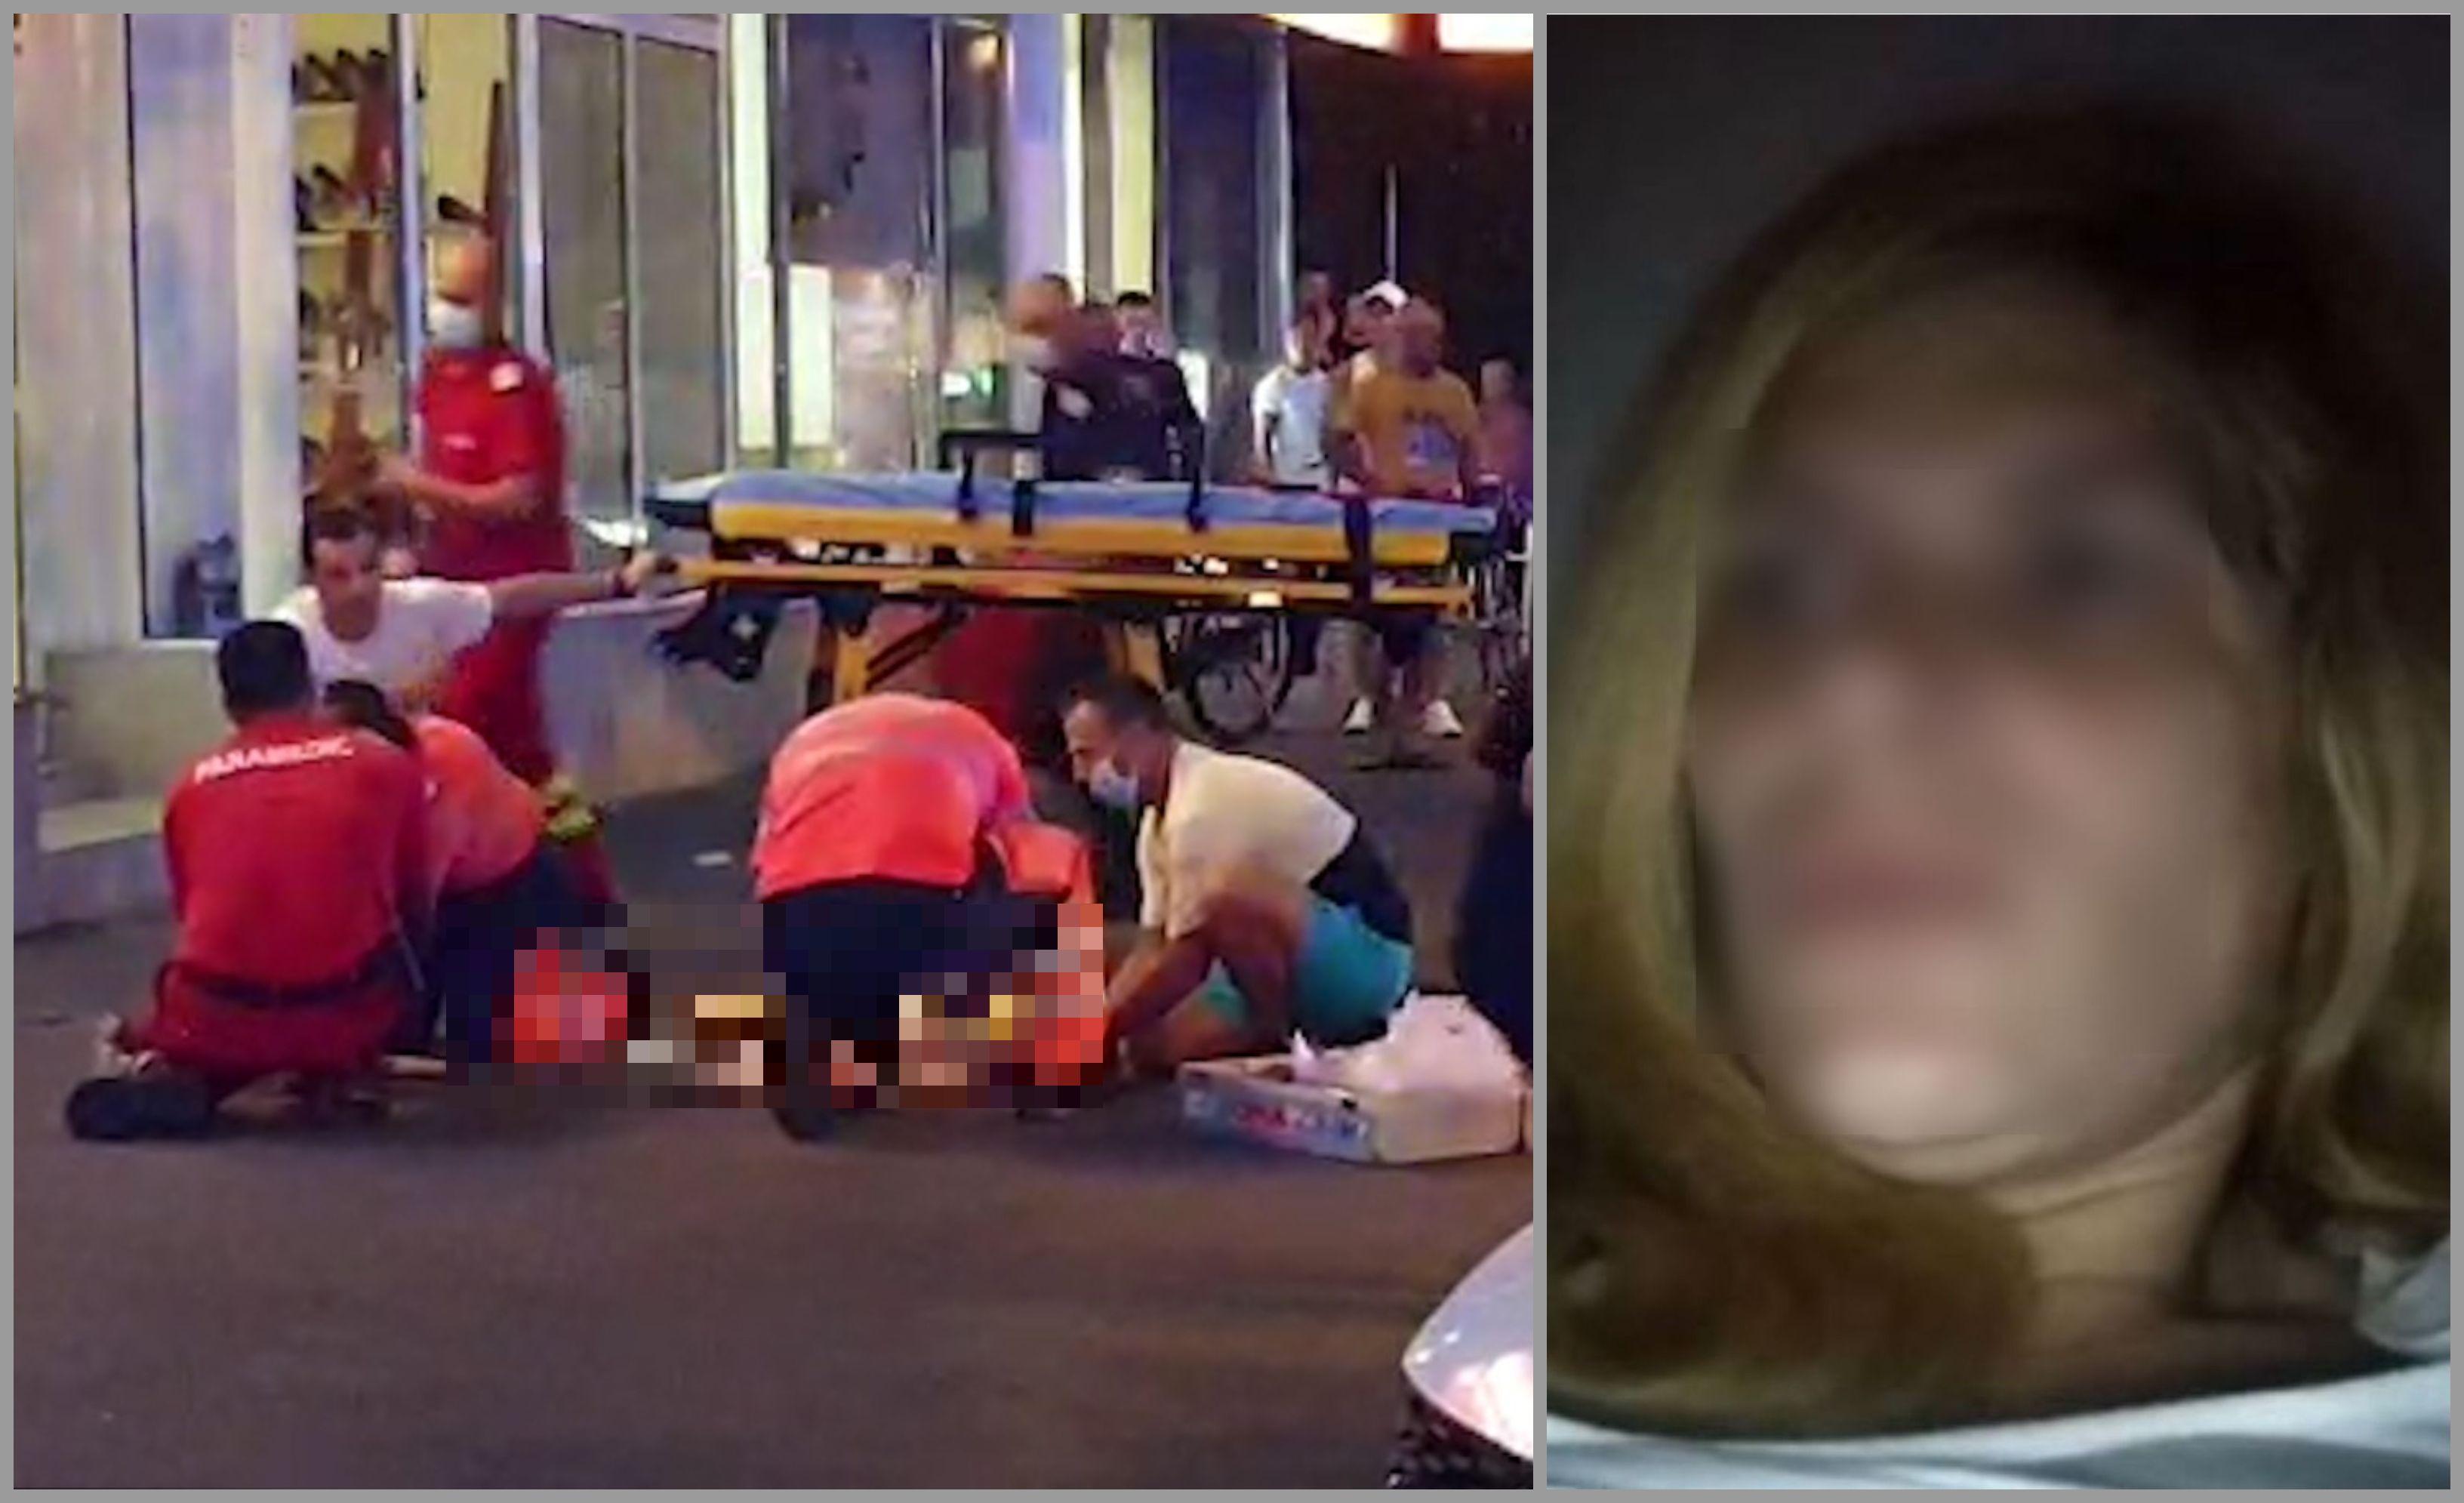 Doi copii gemeni au murit după ce au căzut de la etajul 10 al unui bloc din Ploieşti, în timp ce mama lor era live pe Facebook